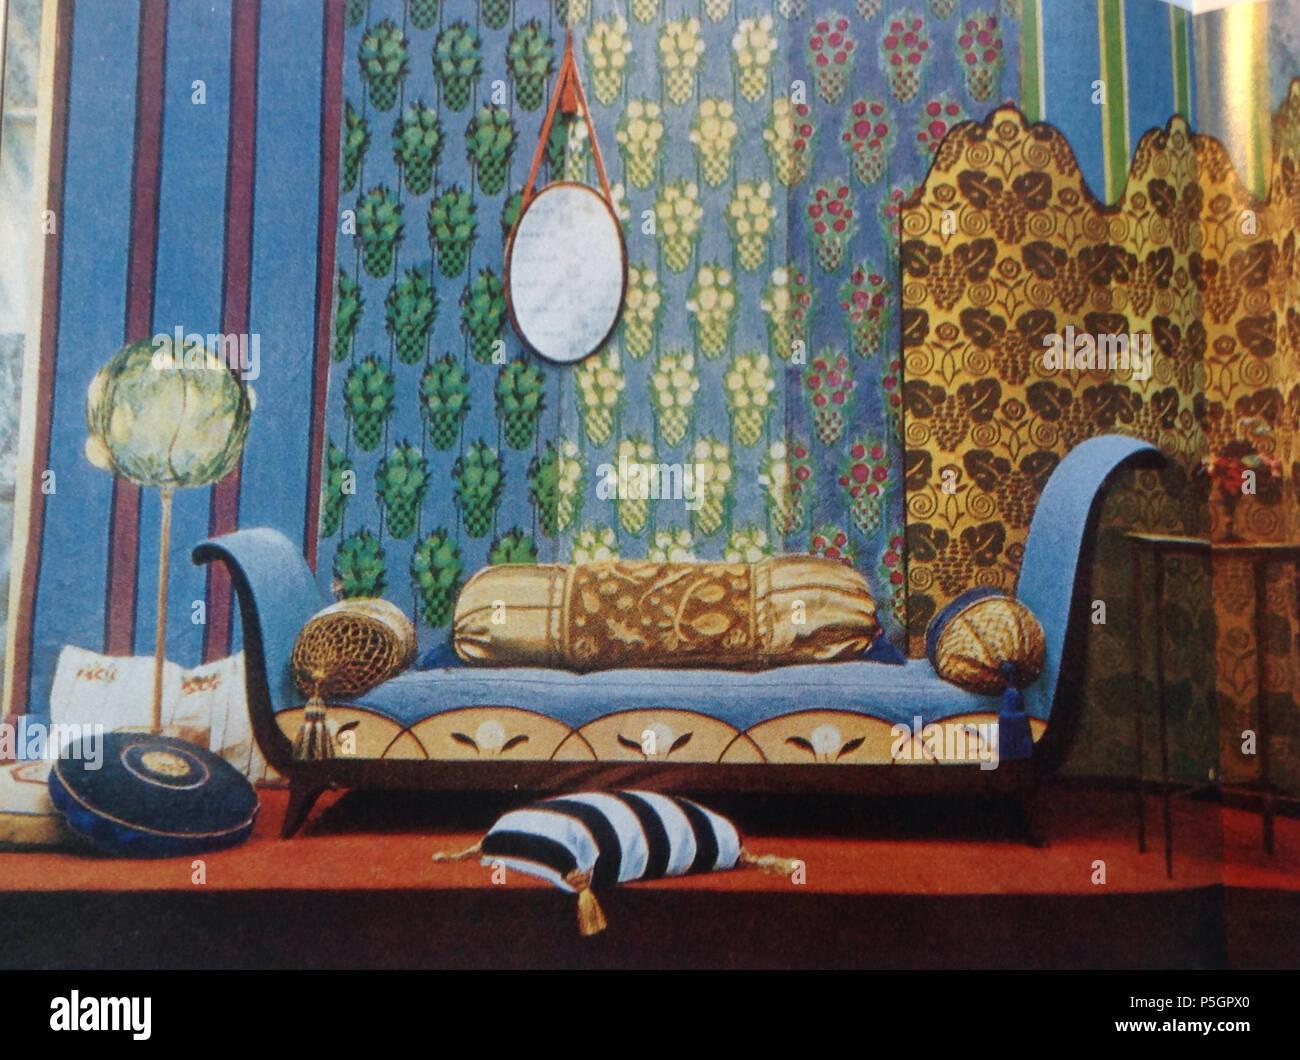 n a englisch anzeige der mobel durch das atelier francais am salon d automne 1913 von art et decoration zeitschrift 1914 1914 siefkindr 457 anzeige im